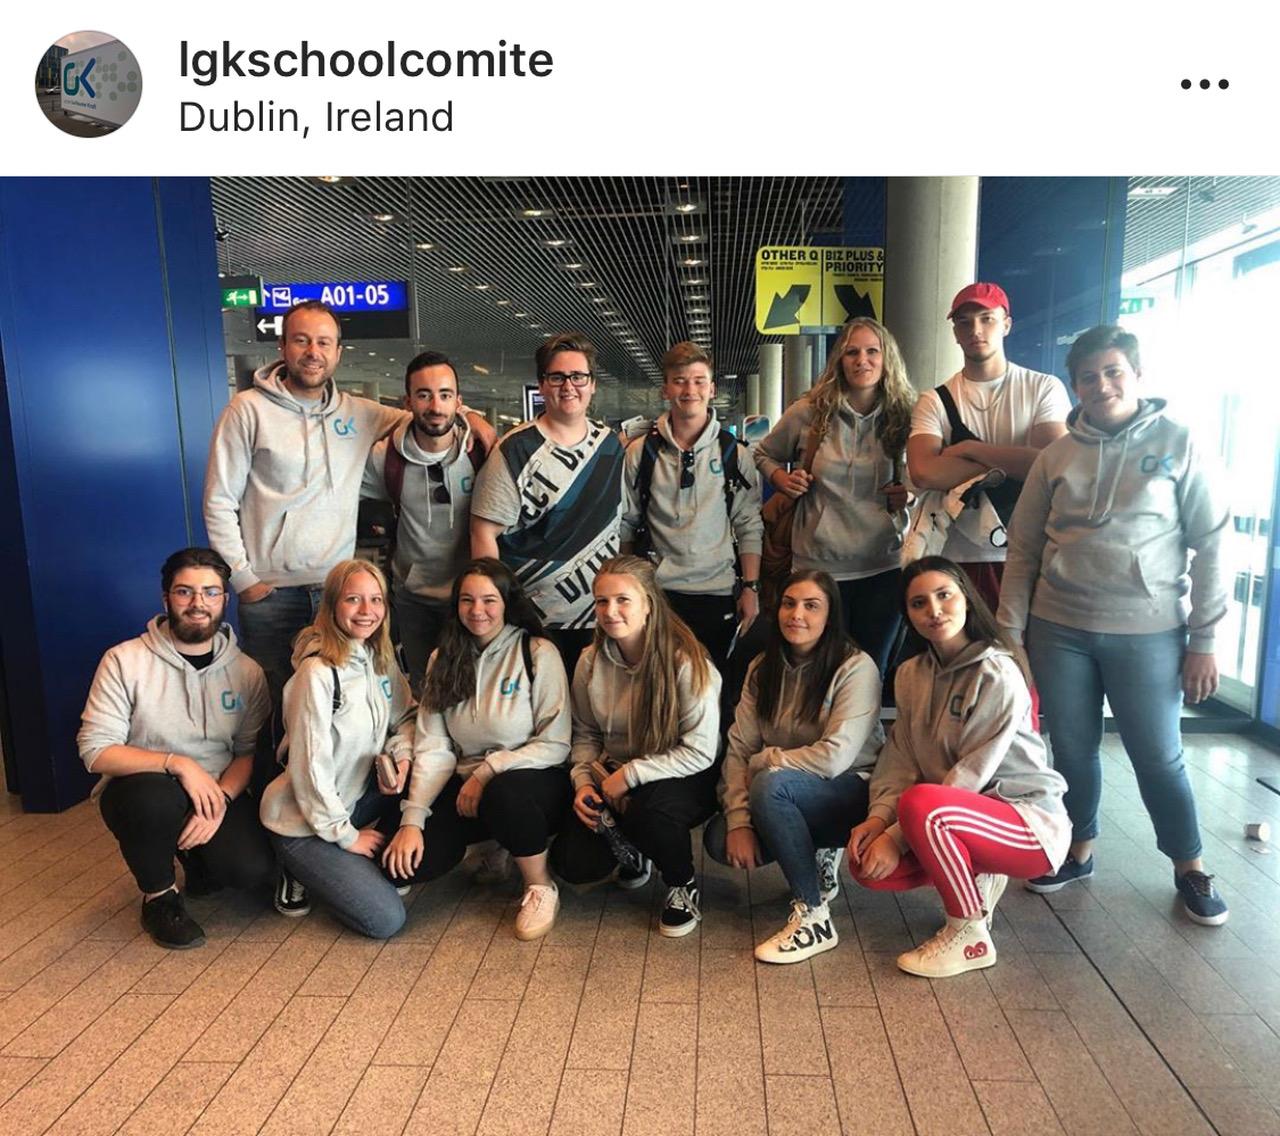 Le comité des élèves du LGK à Dublin